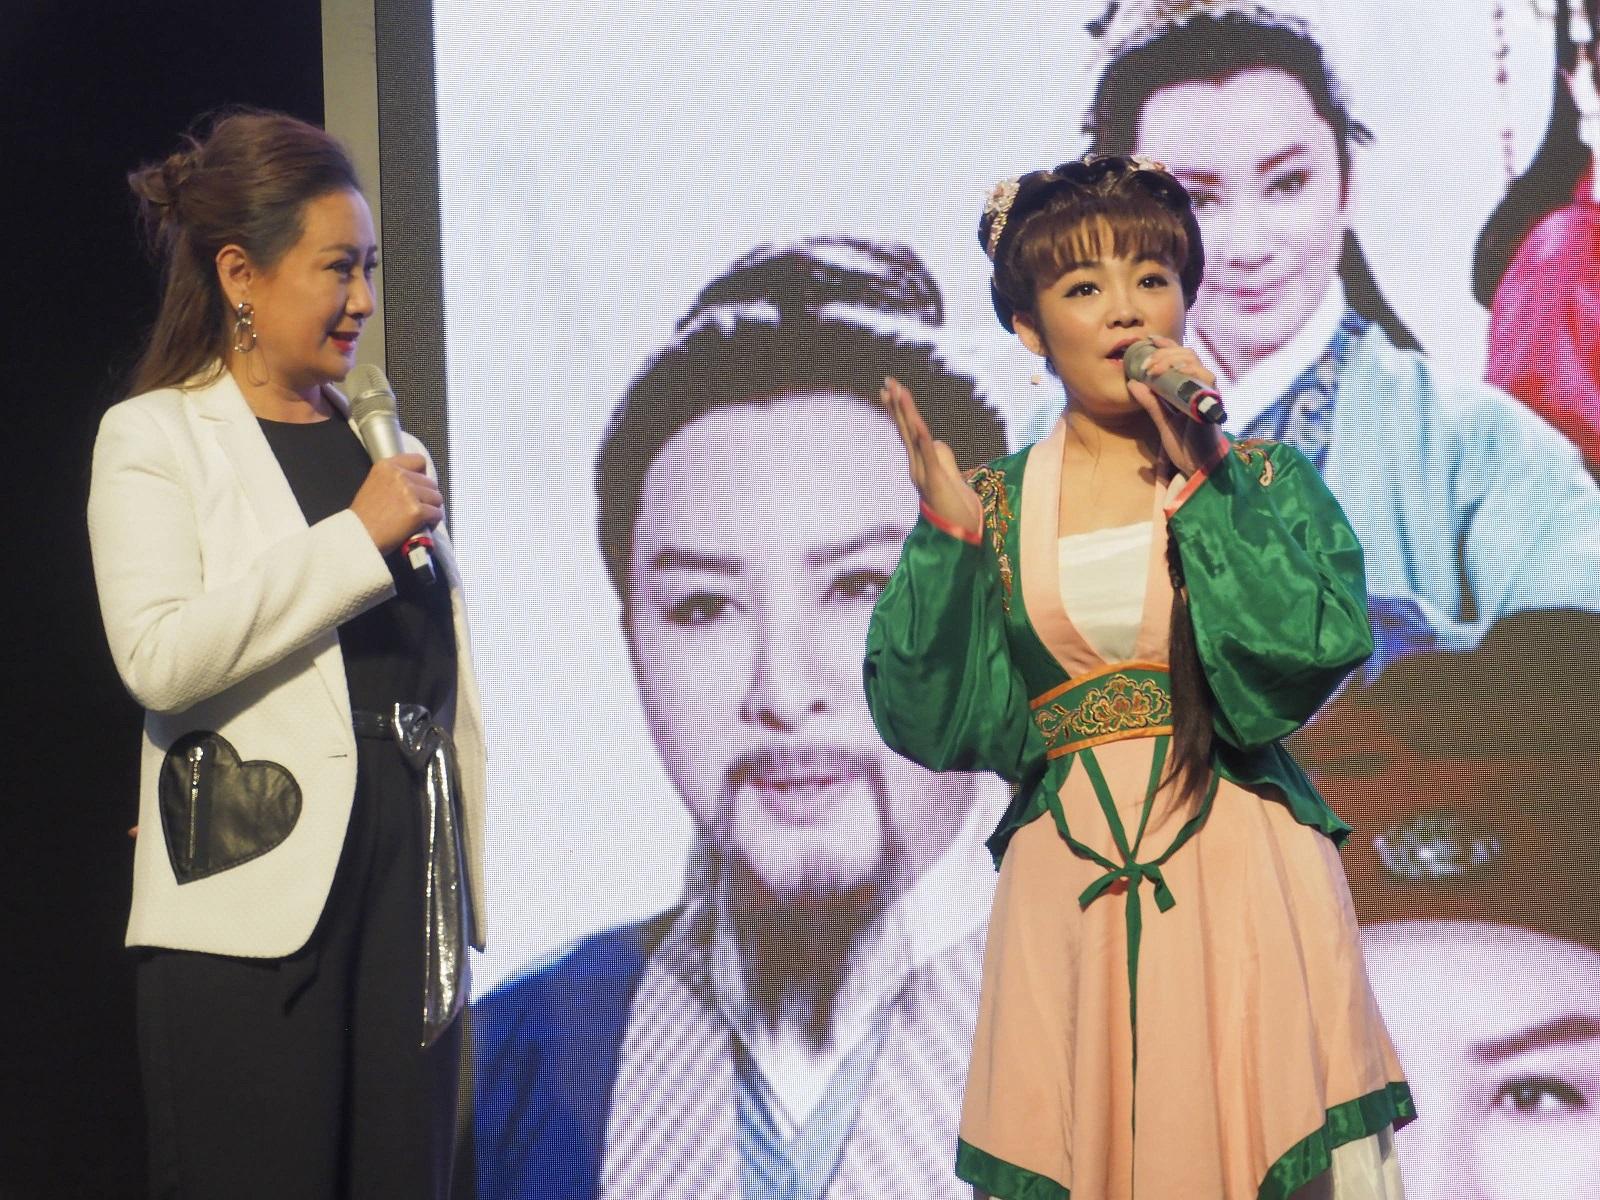 陳亞蘭(左)帶領歌仔戲新秀江虹旻(右)以華麗戲服登場-縮小.jpg